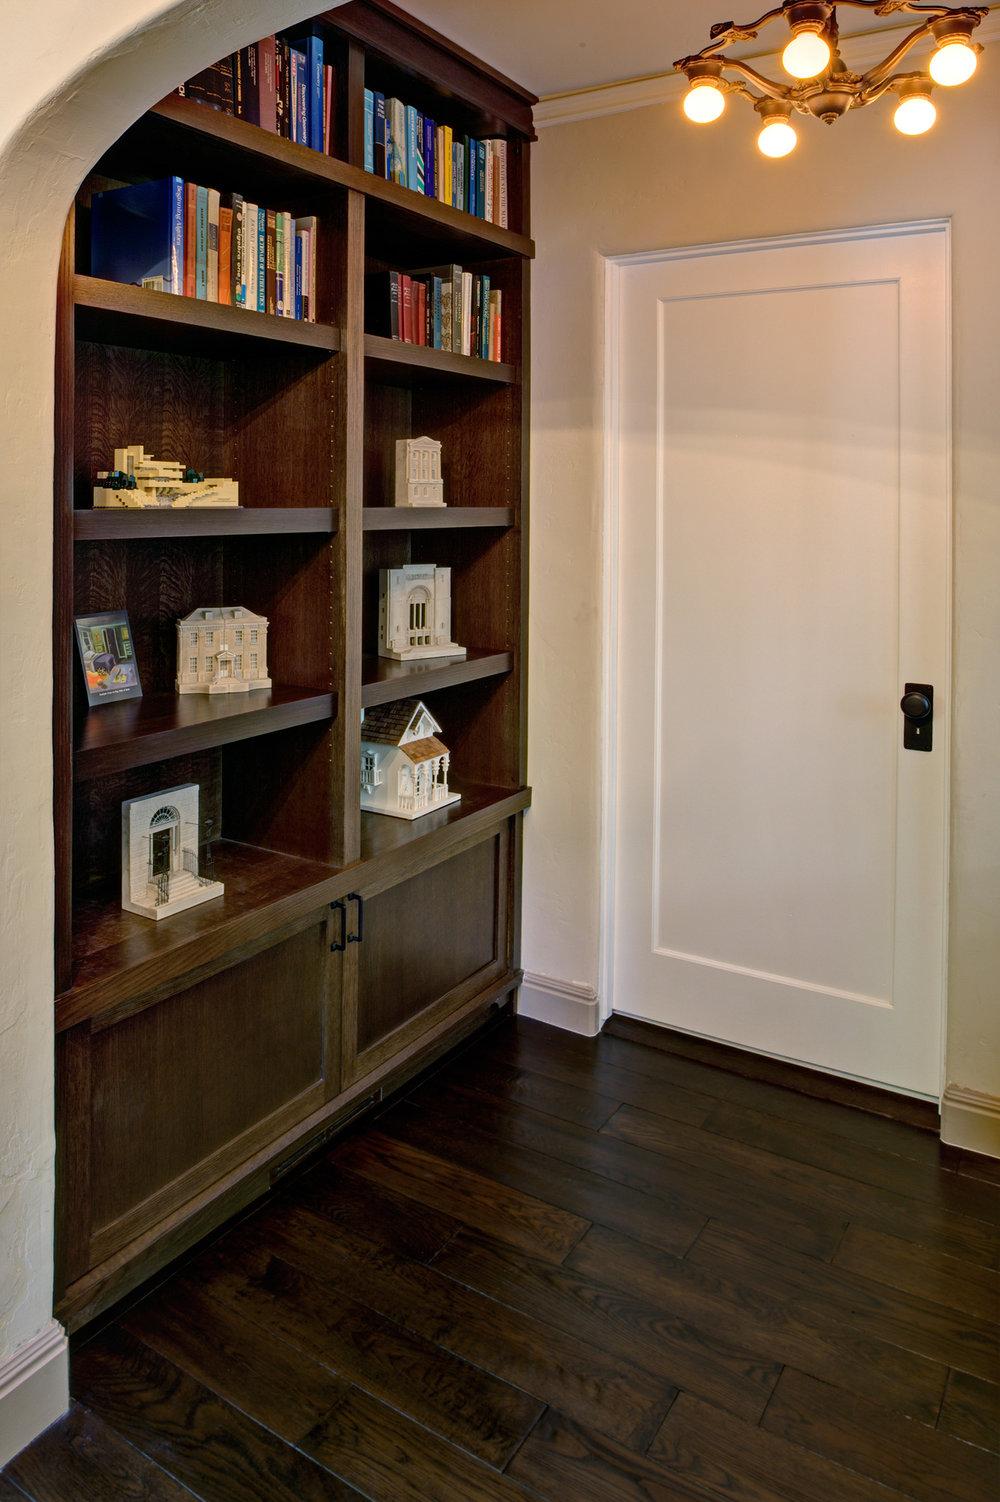 Kaplan-Architects-library-bookshelves.jpg